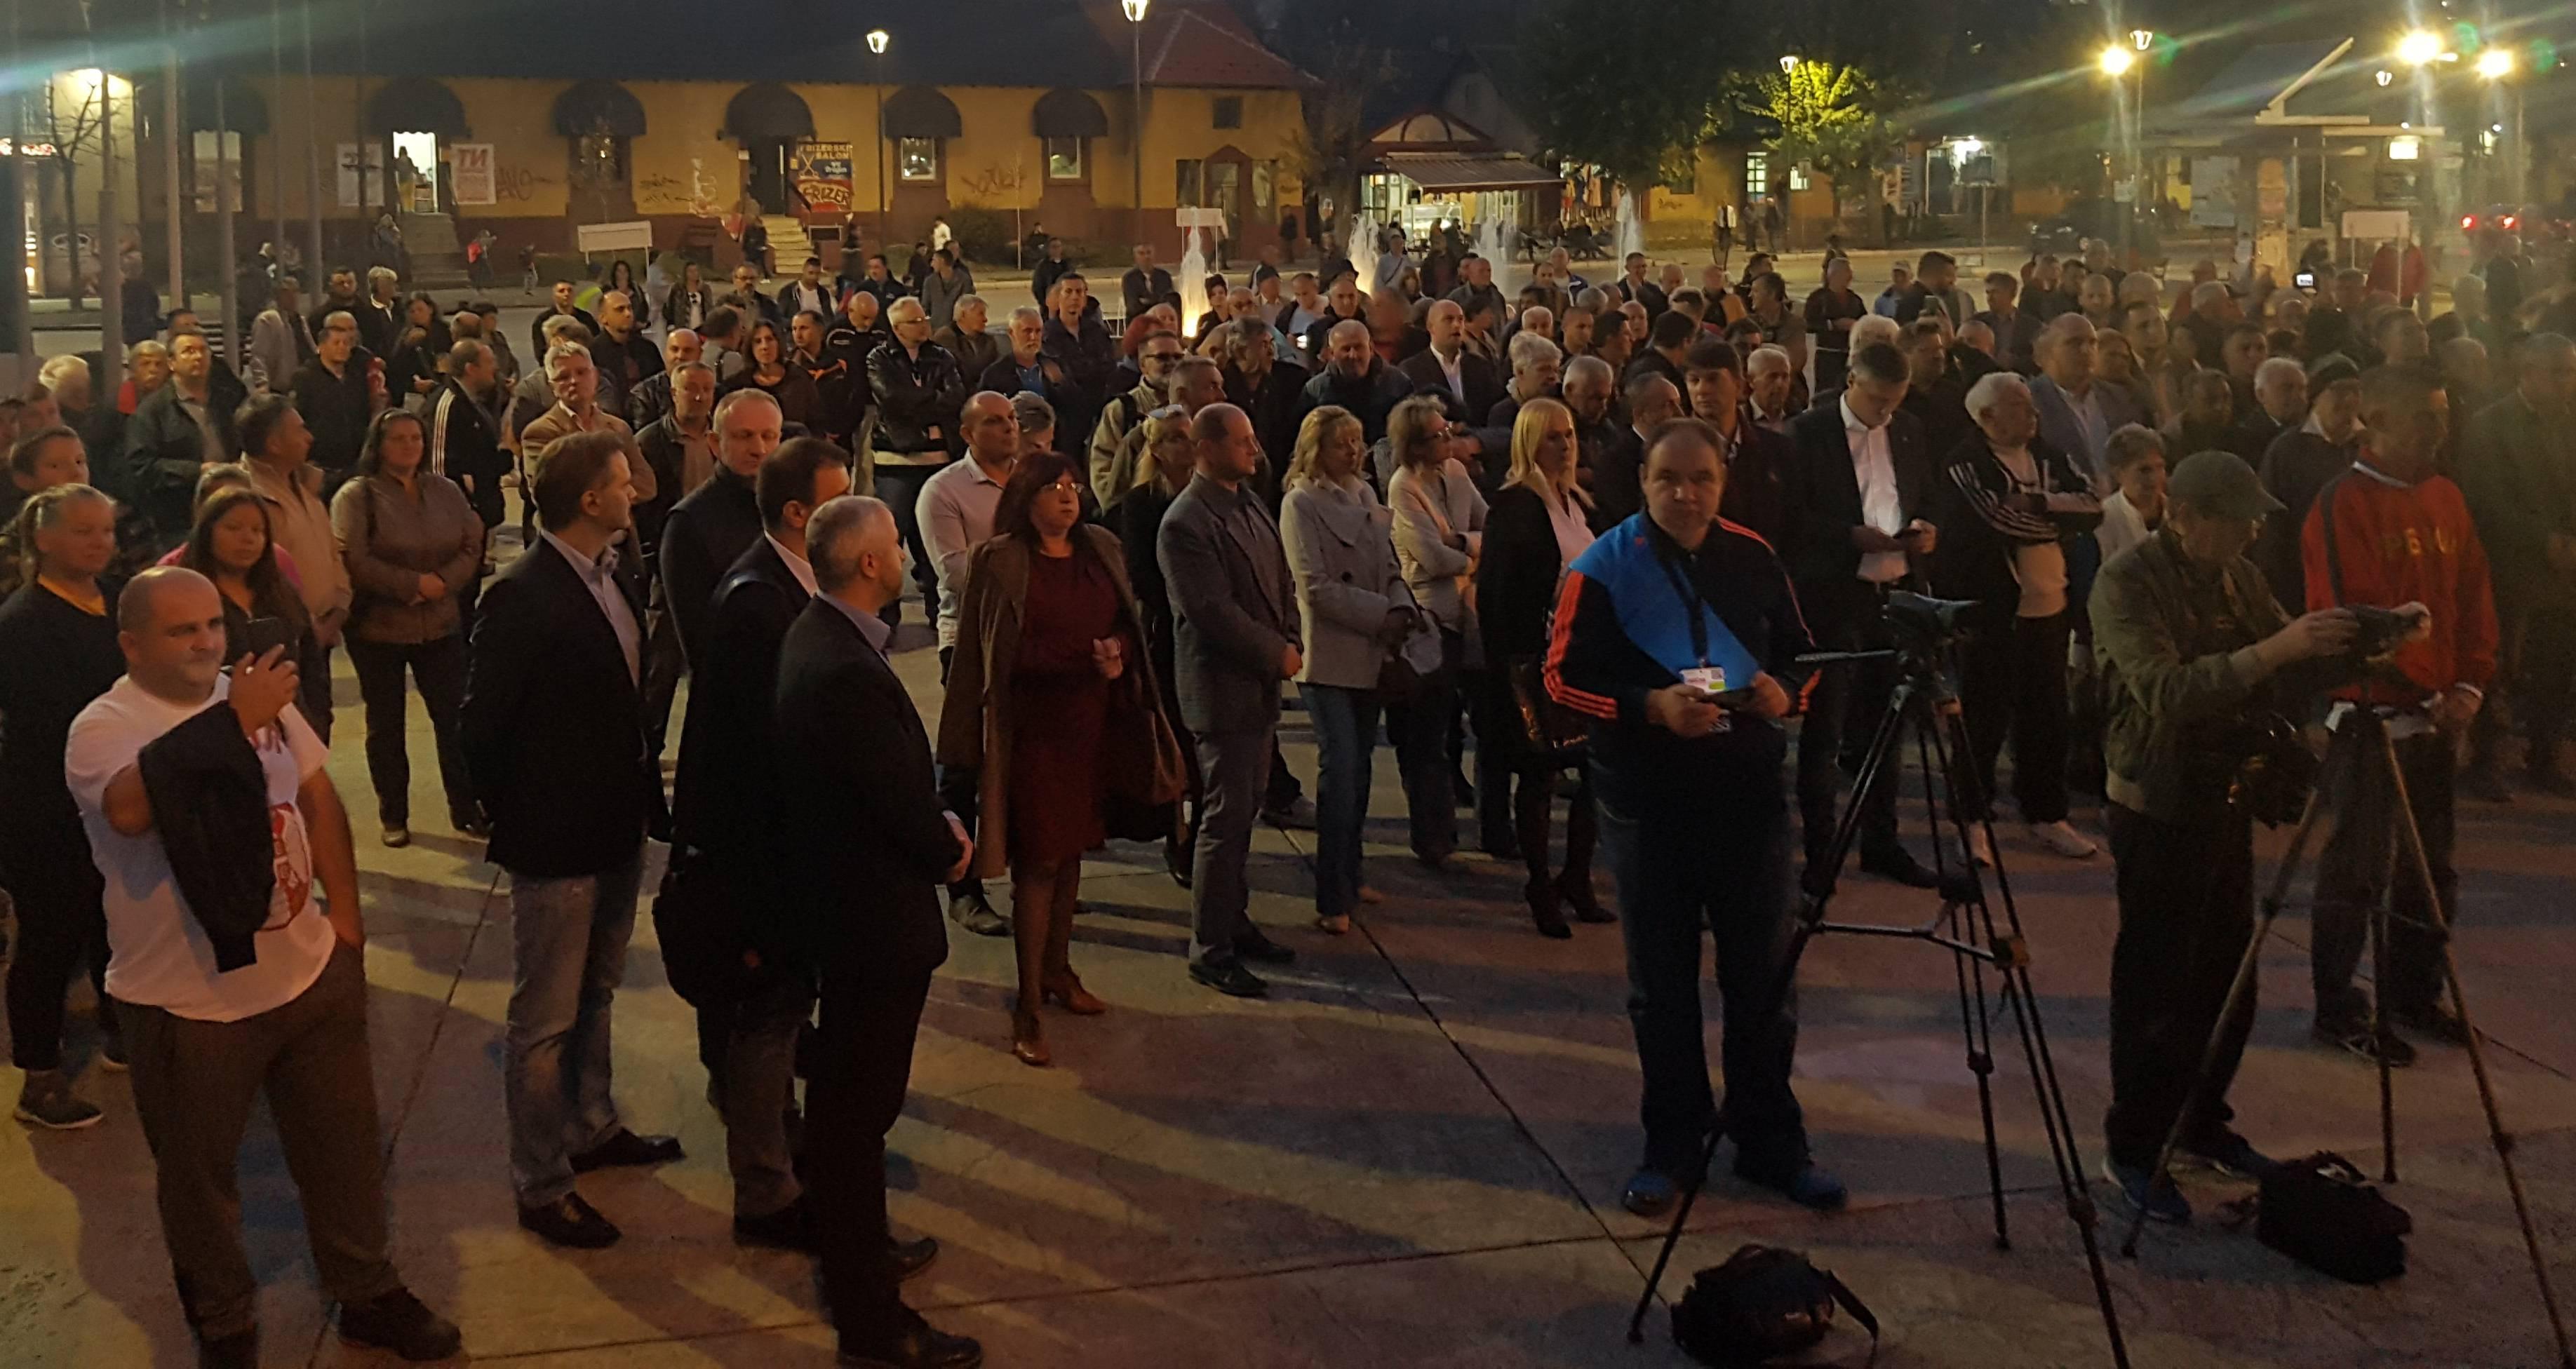 Савез за Србију у Бору: Вратити грађанима националне ресурсе продате по прениској цени